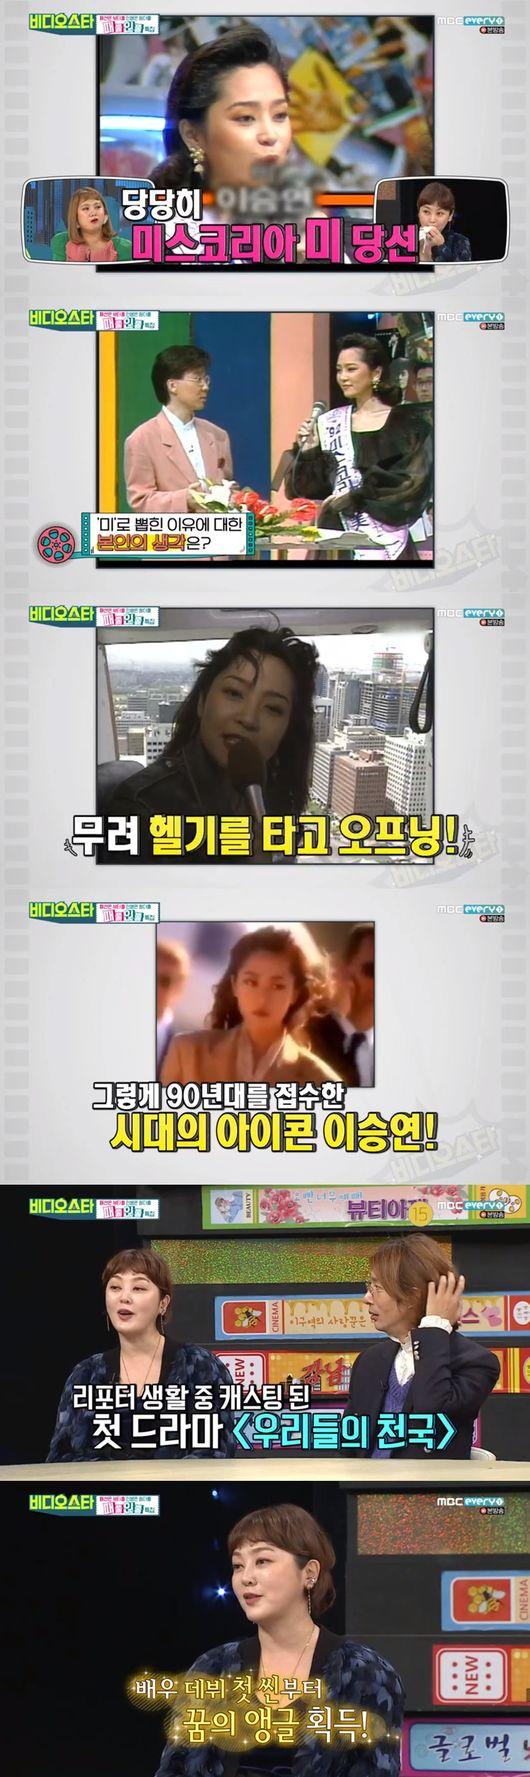 '비디오스타' 이승연X김성일X신우식X박윤희, 패션만 스타일링? 웃음도 완벽 스타일링! [종합]